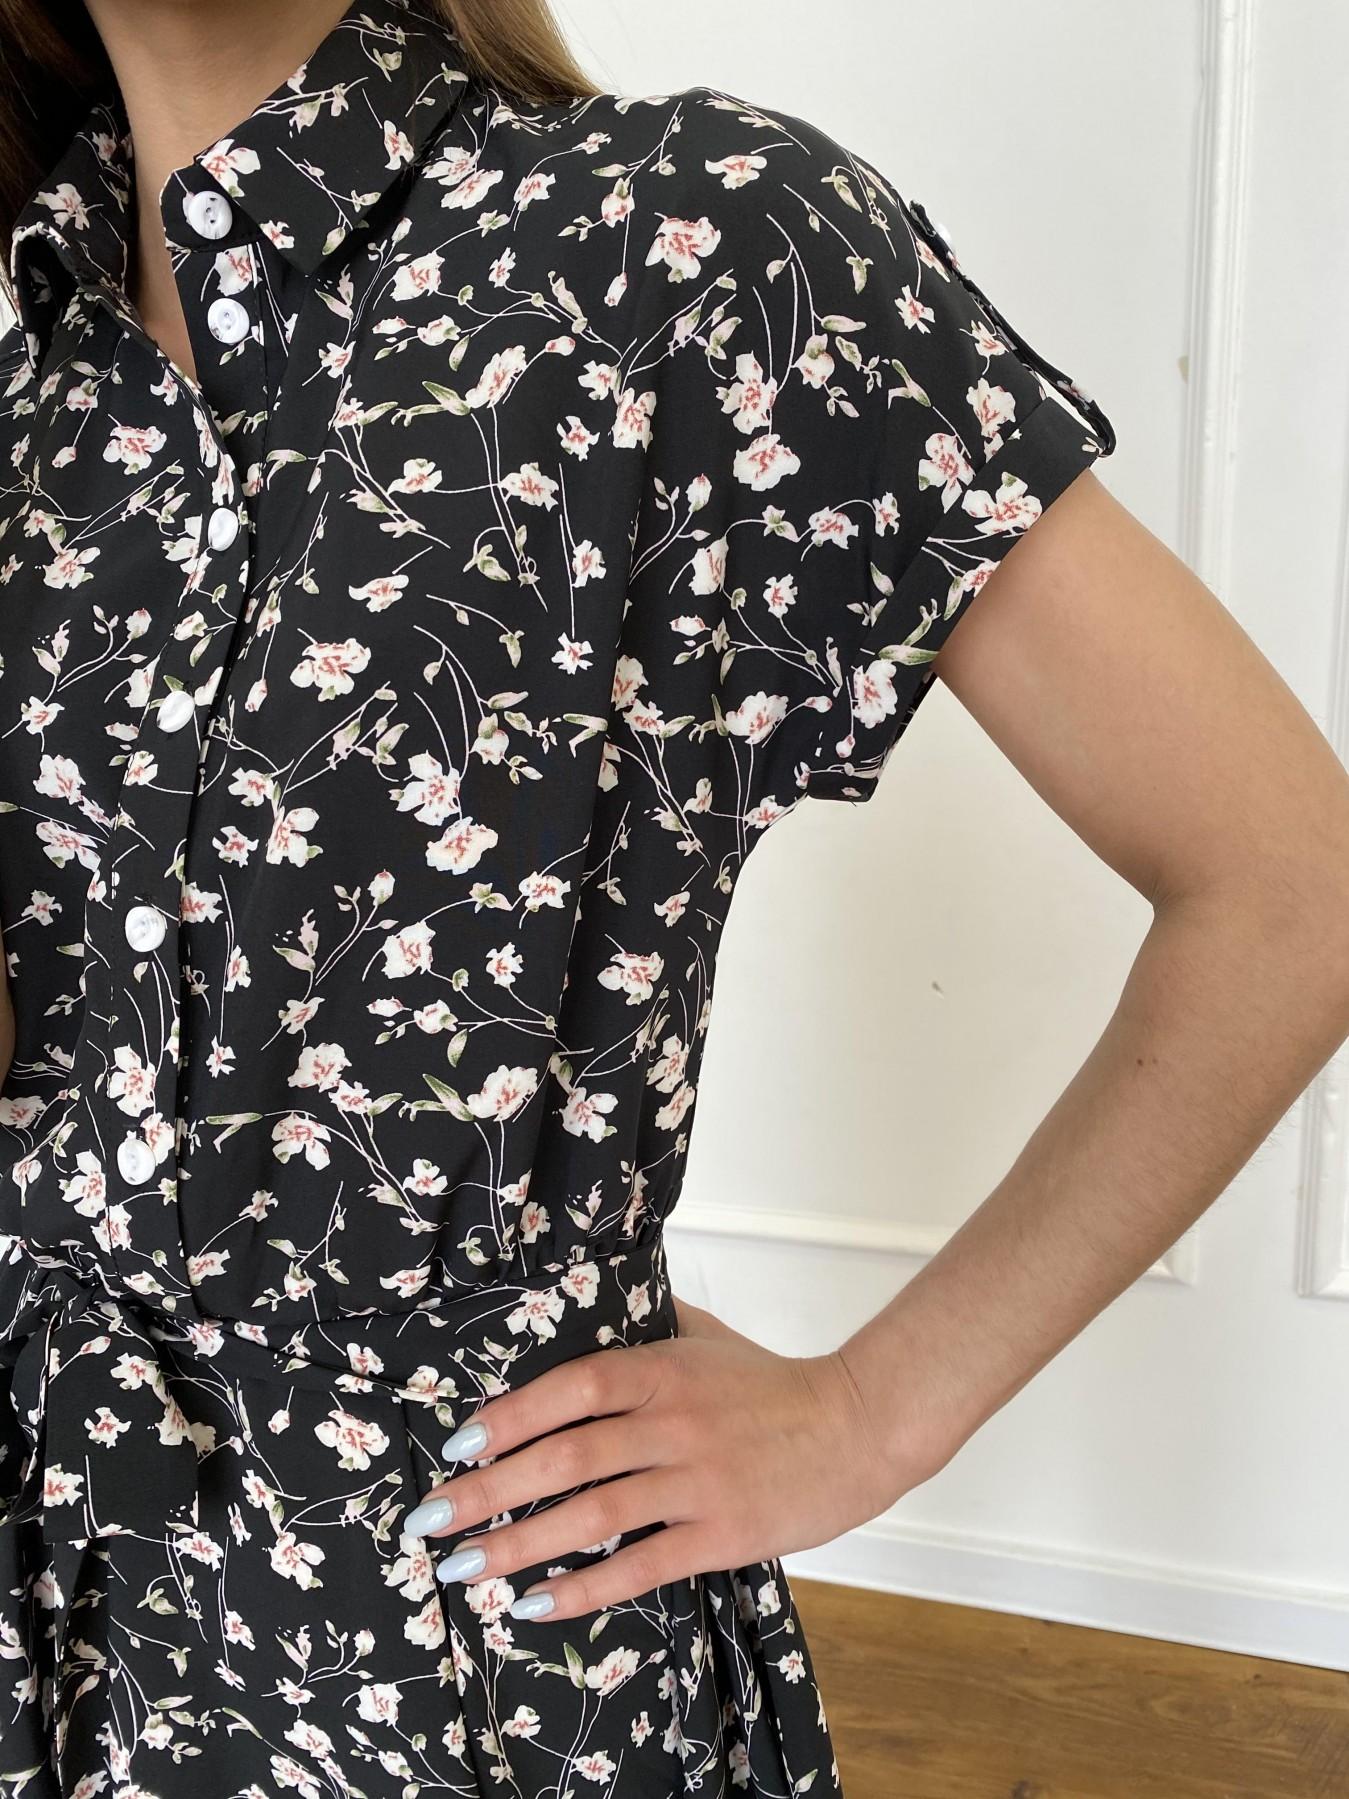 Санжар платье из ткани софт в принт 11215 АРТ. 47728 Цвет: Черный/молоко, Цветы - фото 5, интернет магазин tm-modus.ru